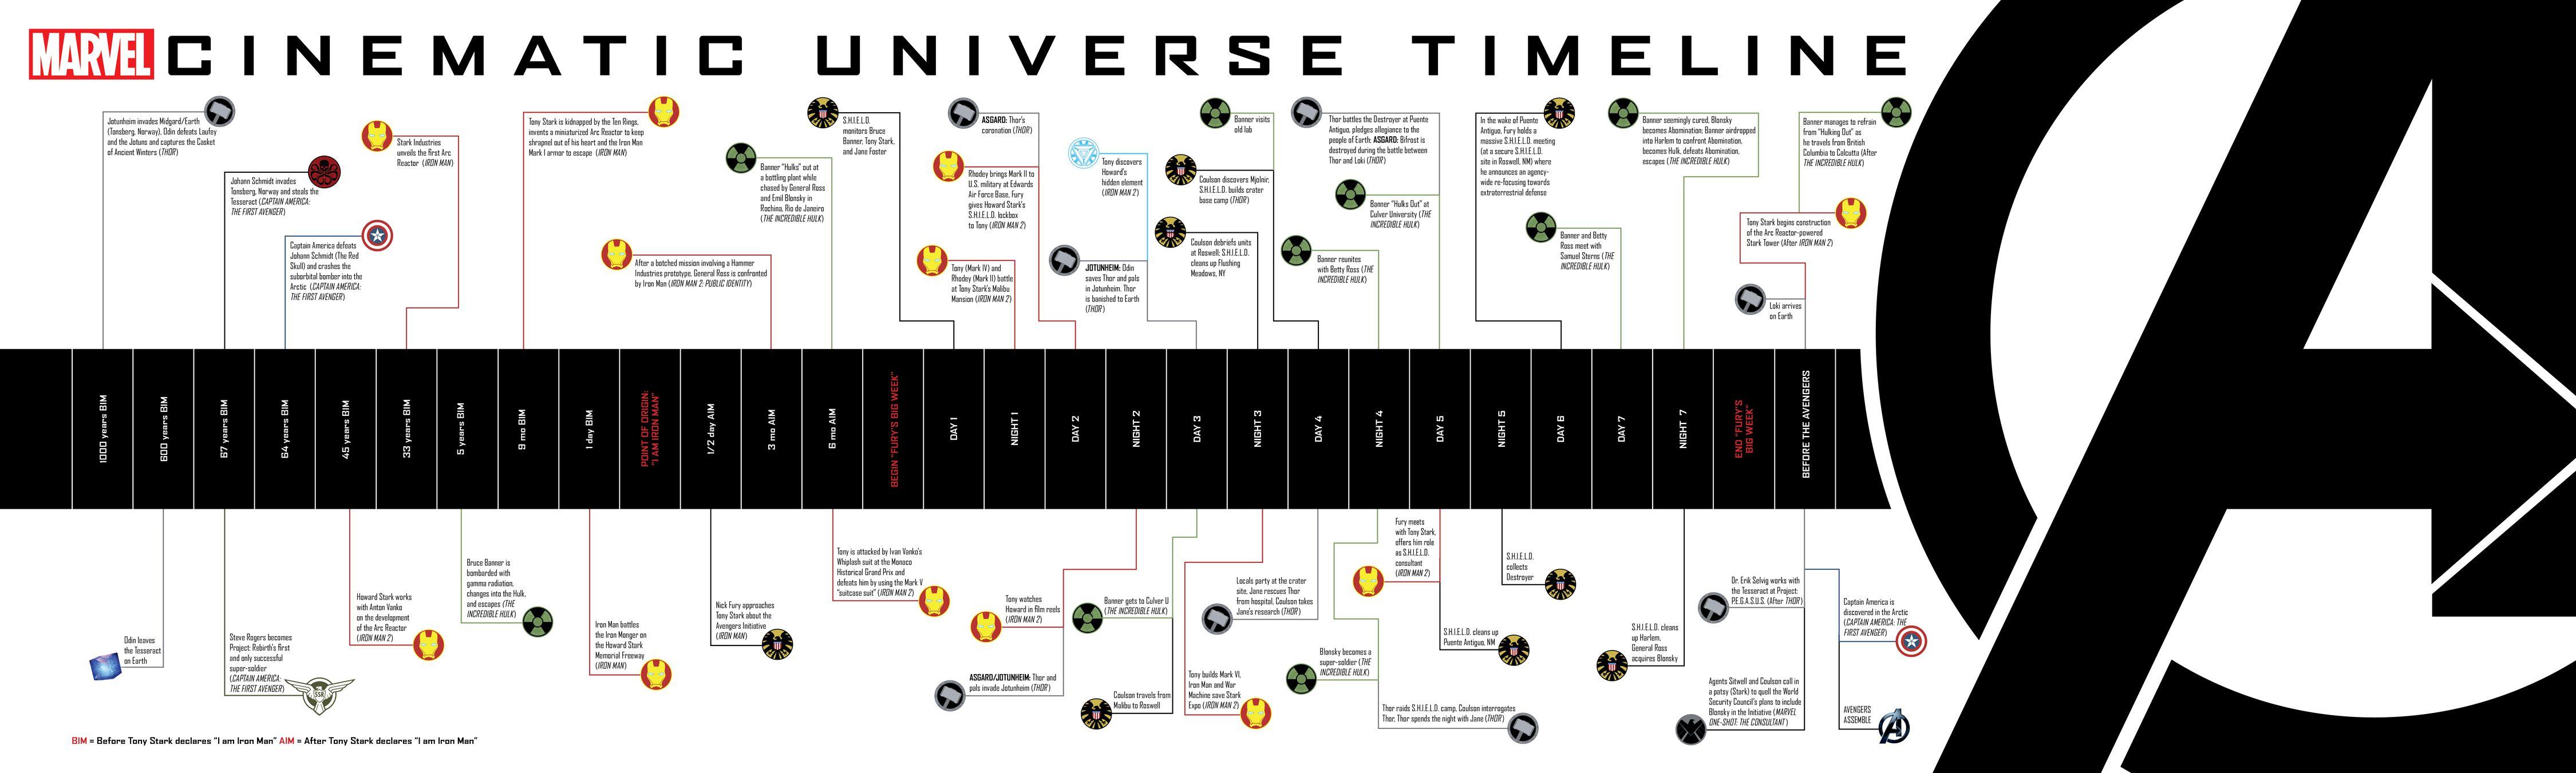 Tabla del tiempo del MCU